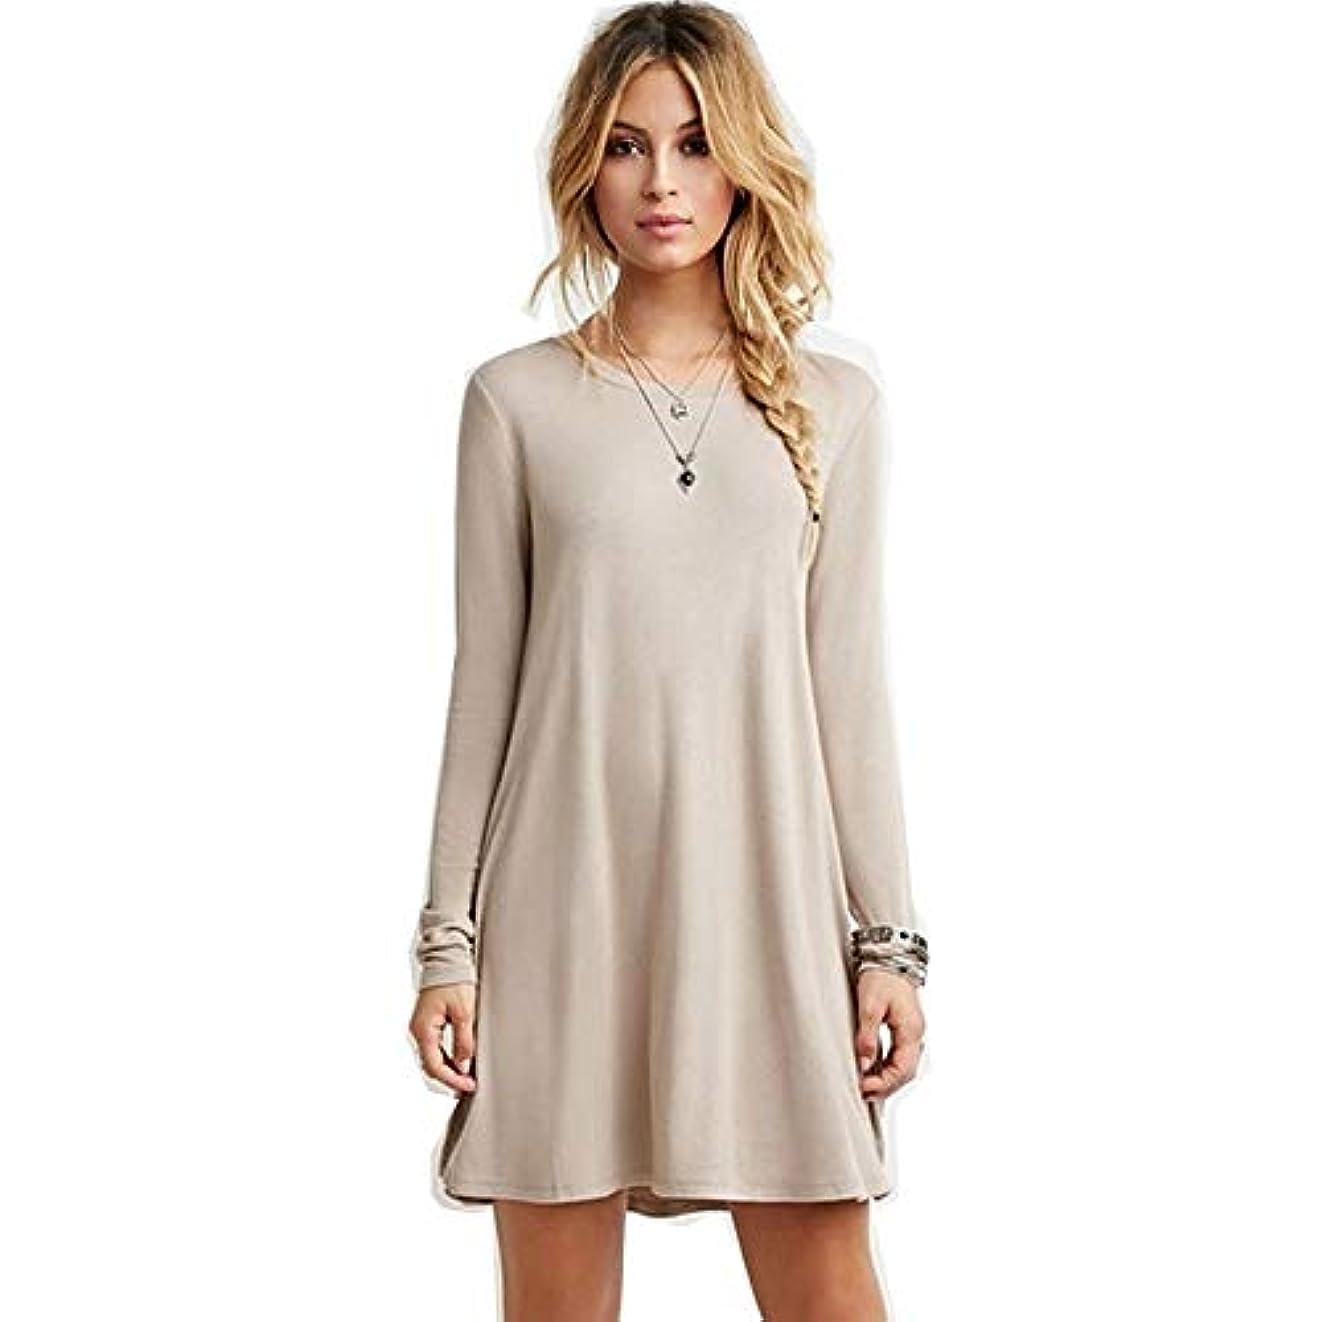 シェードコイン仲間MIFANルースドレス、プラスサイズのドレス、長袖のドレス、女性のドレス、秋のドレス、マキシドレス、コットンドレス